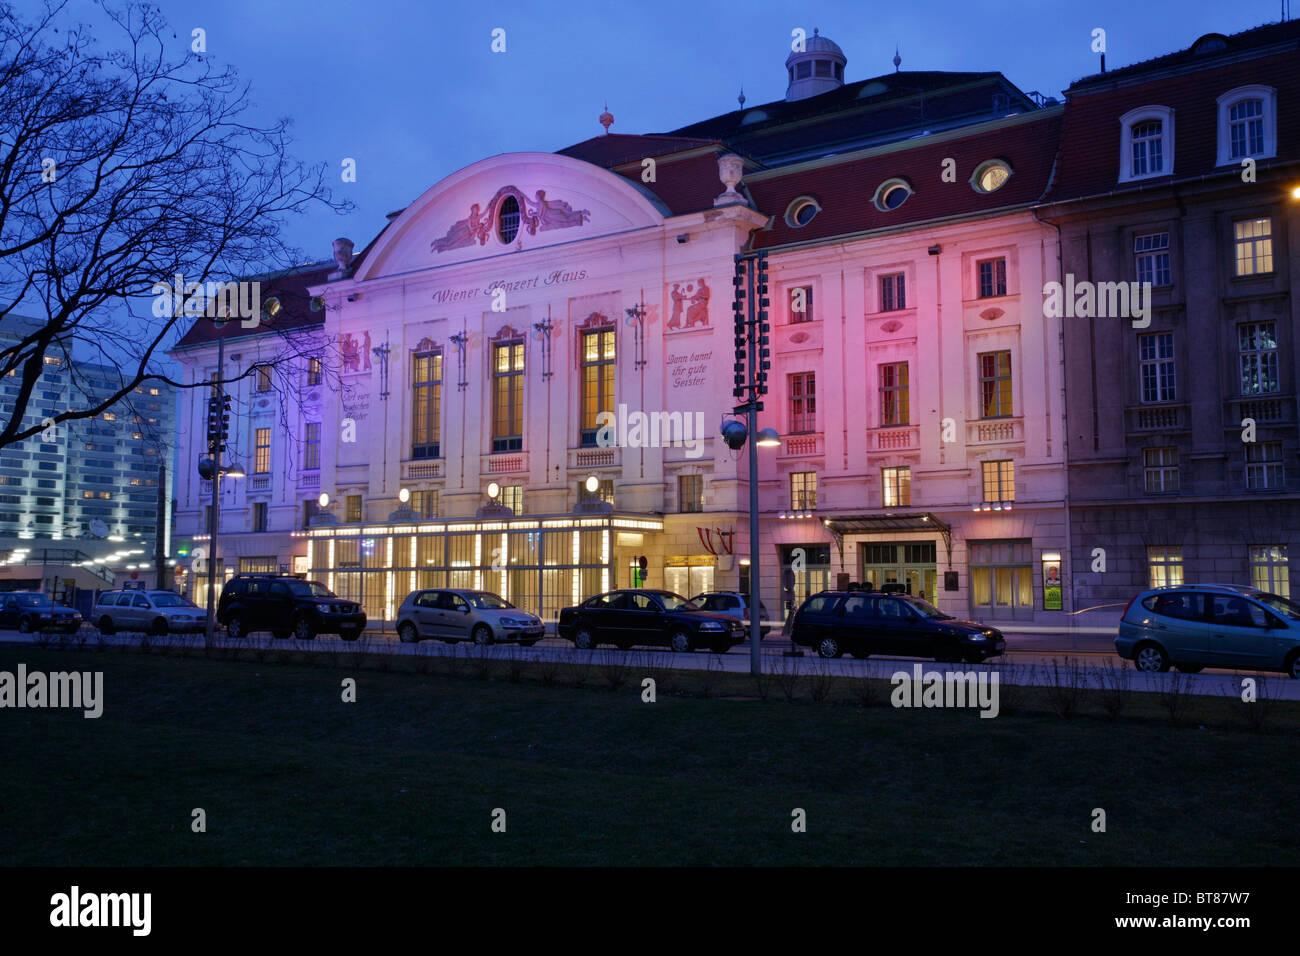 Konzerthaus Konzerthalle in Abend-Beleuchtung, Wiener Klassik, Lothringerstrasse 40, Wien, Österreich Stockbild